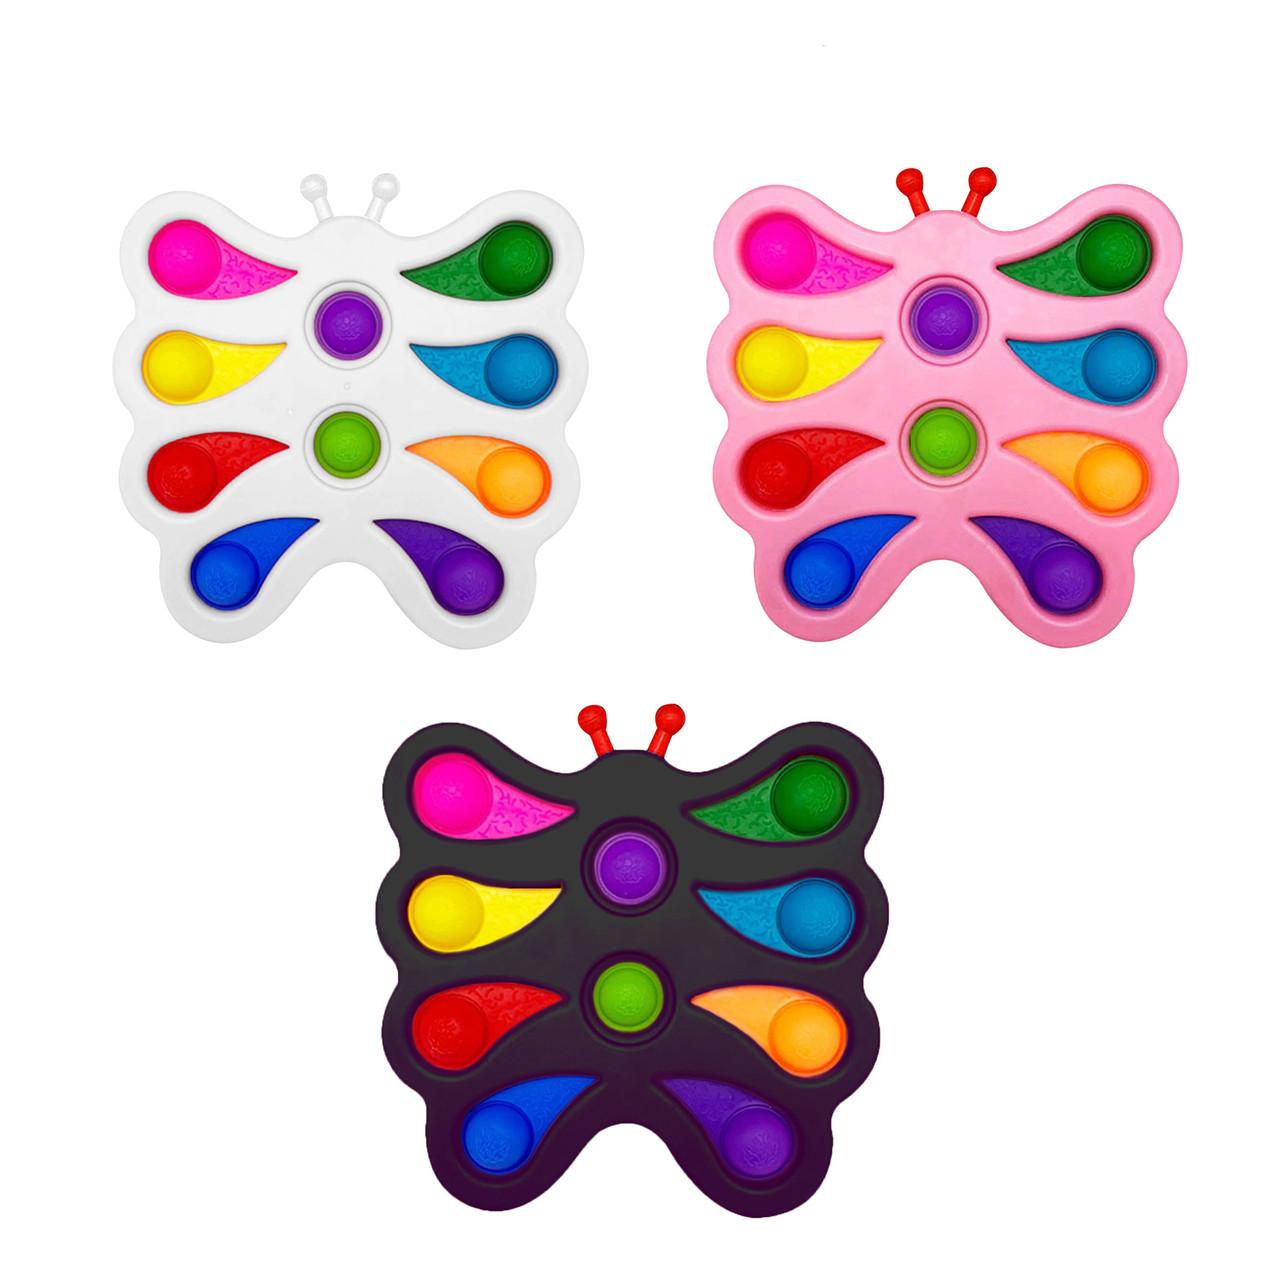 Simple Dimple Сімпл Дімпл метелик, мікс оптом